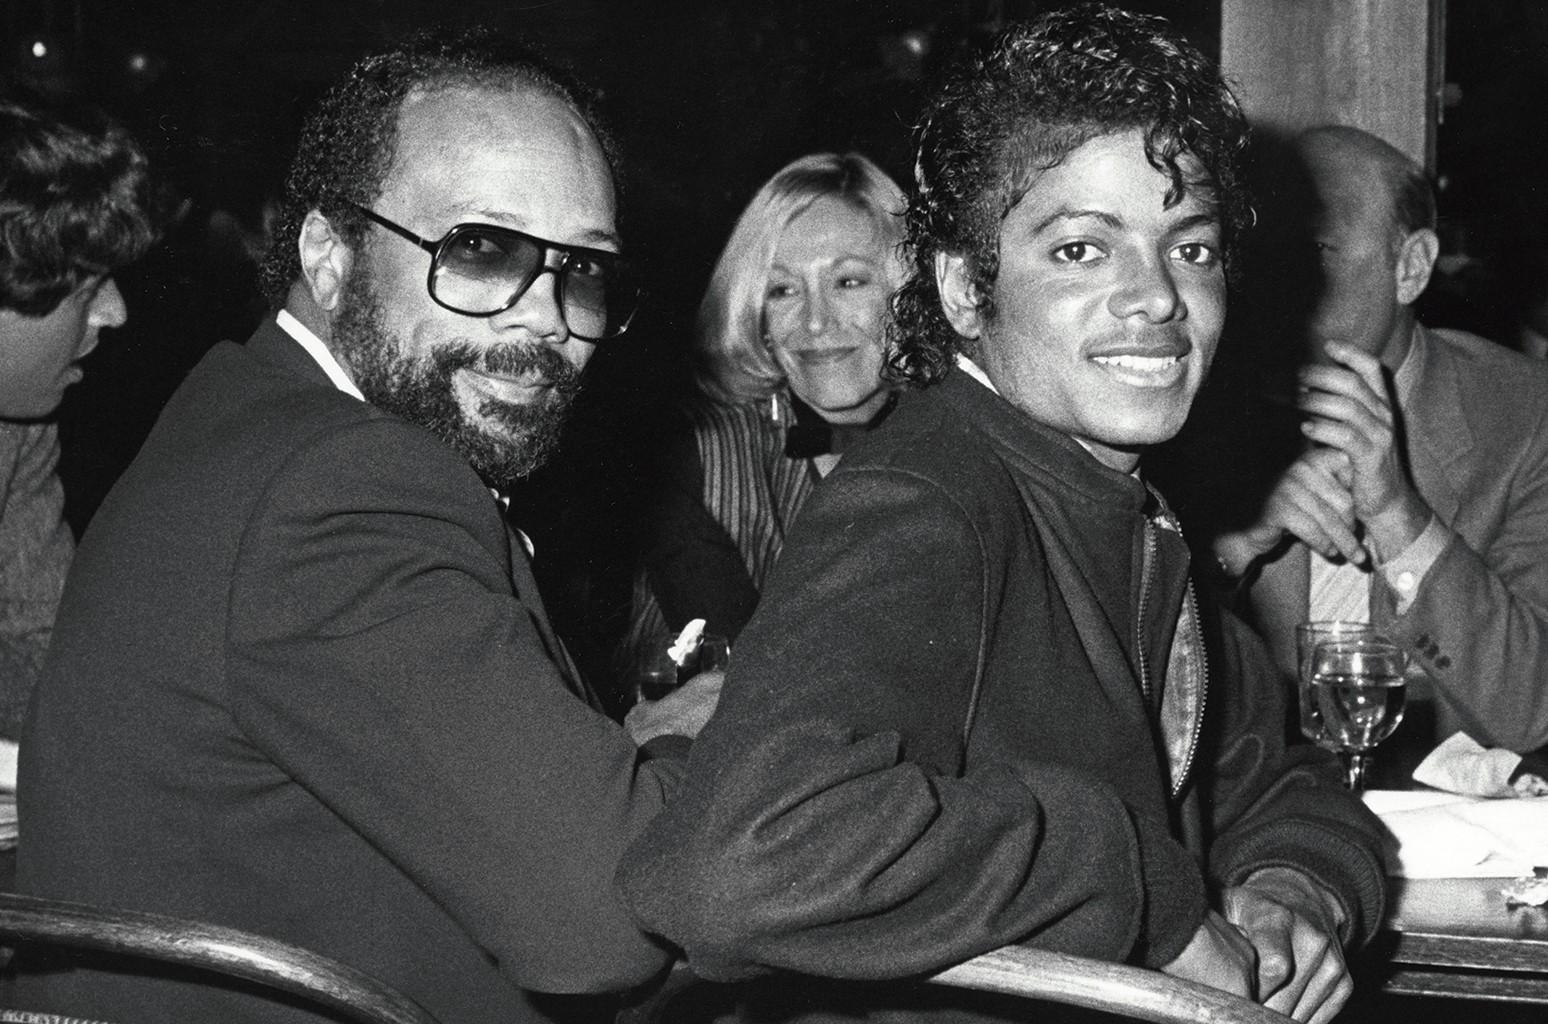 Quincy Jones & Michael Jackson